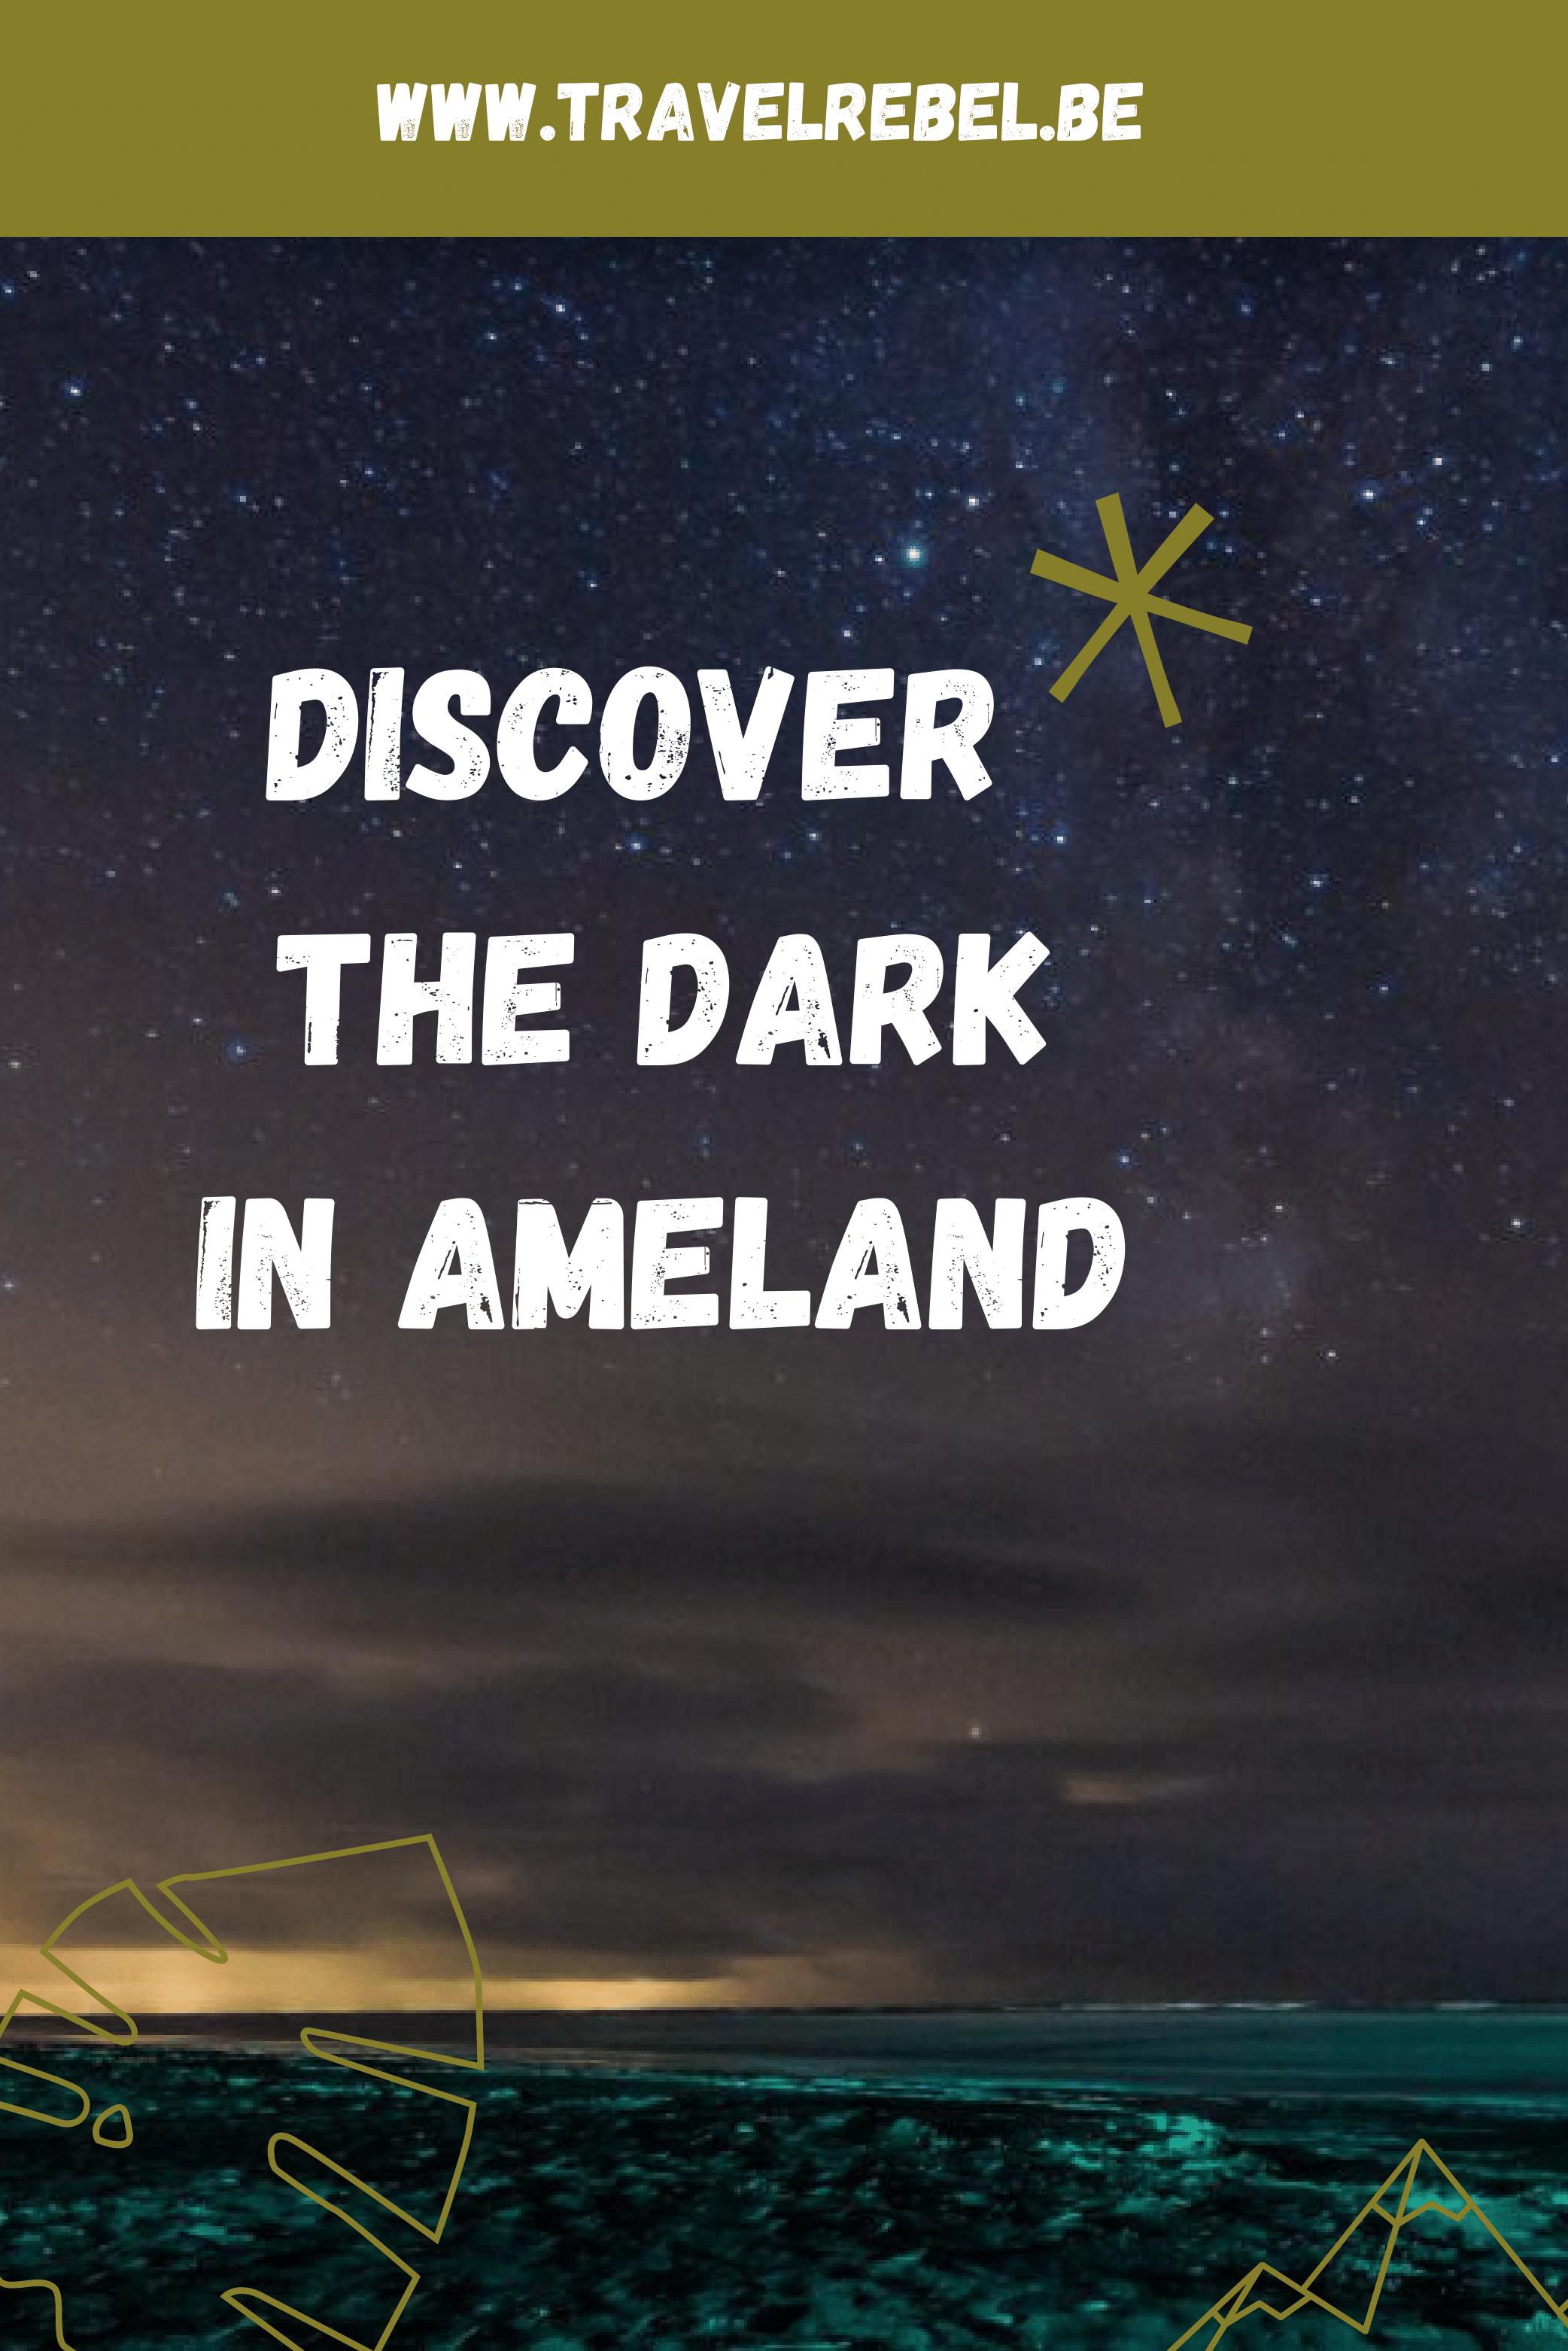 Discover The Dark in Ameland - Waddeneilanden - Duurzaam reizen